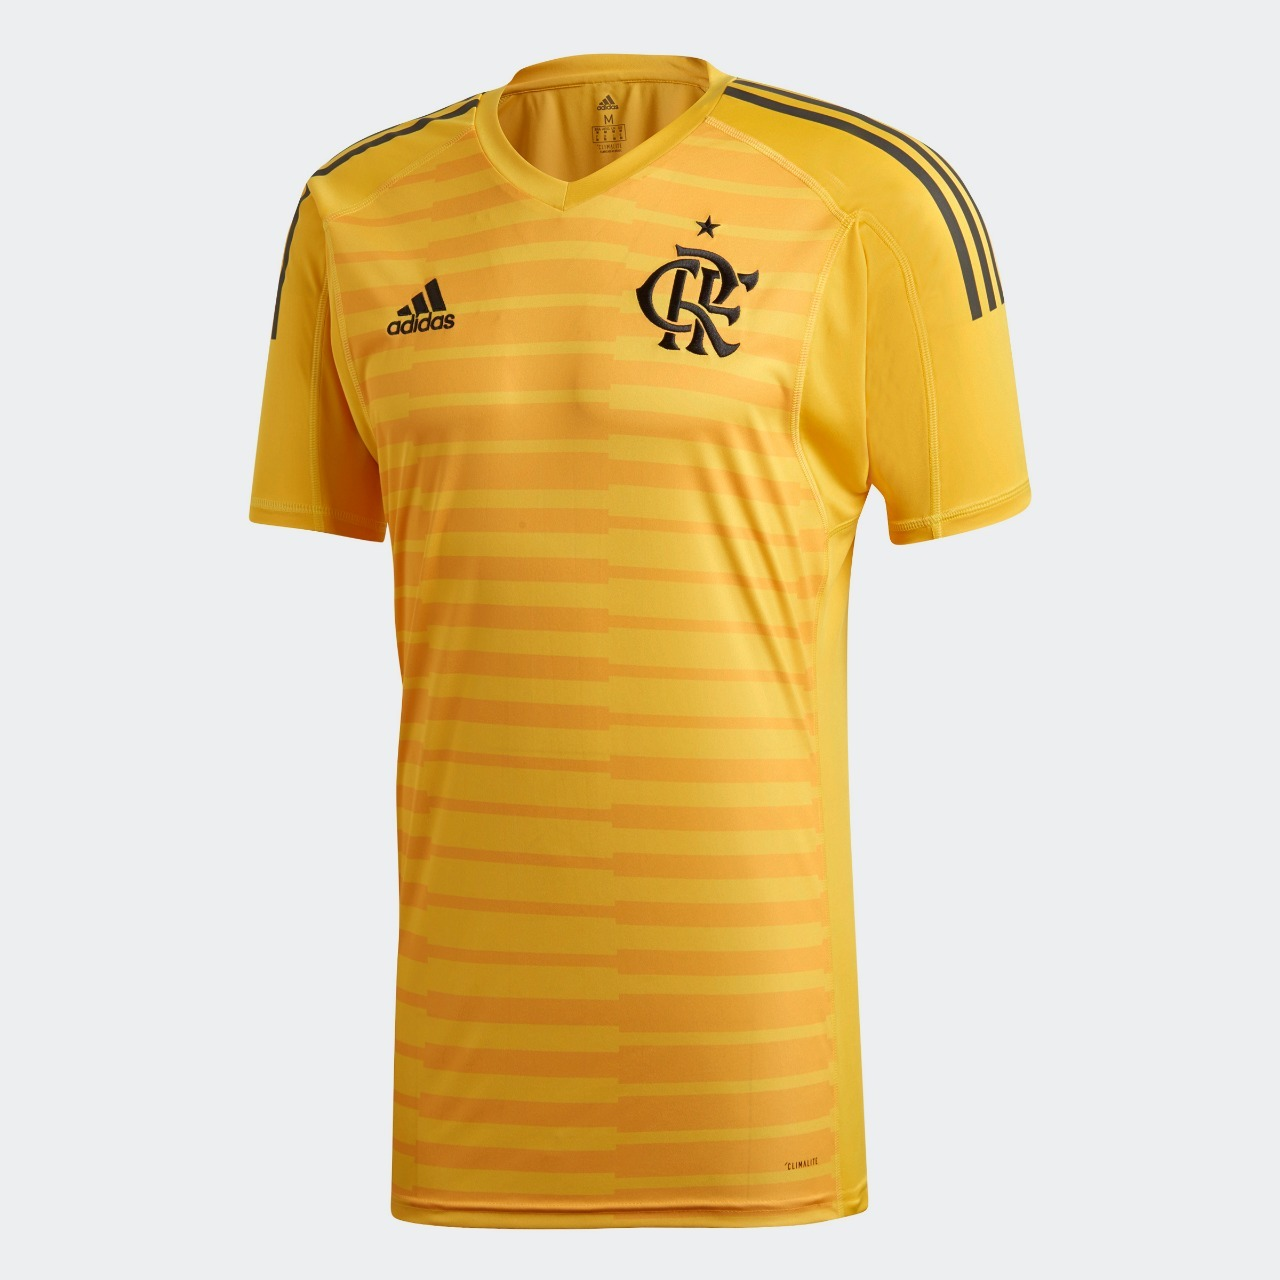 a9af466ff5 A nova camisa de goleiro do Flamengo estará à venda a partir desta  sexta-feira